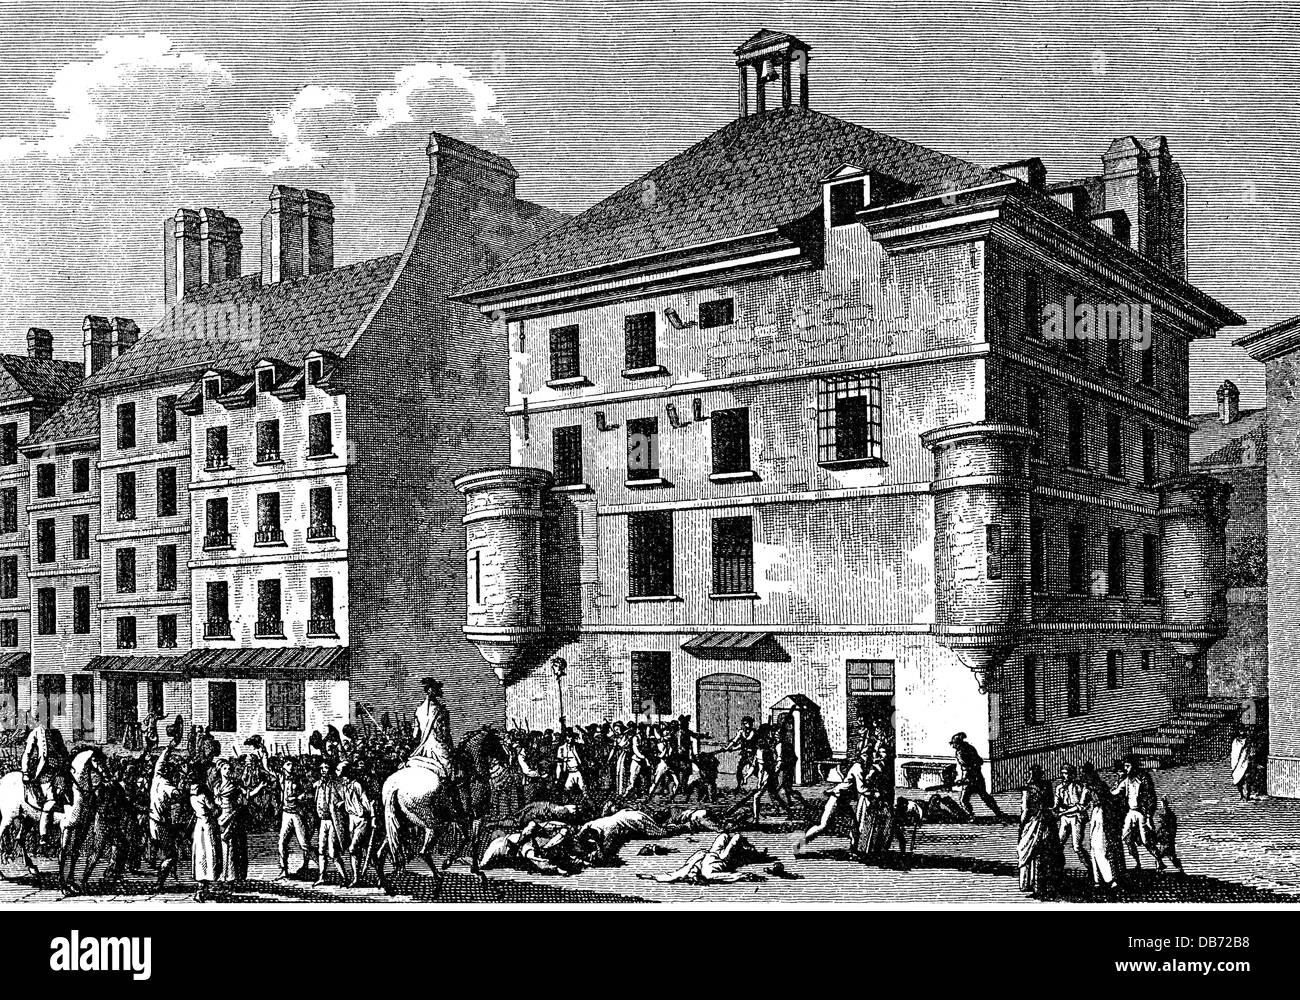 Gli eventi della Rivoluzione Francese 1789 - 1799, Settembre massacri 2.- 6.9.1792, contemporanea incisione su rame Immagini Stock